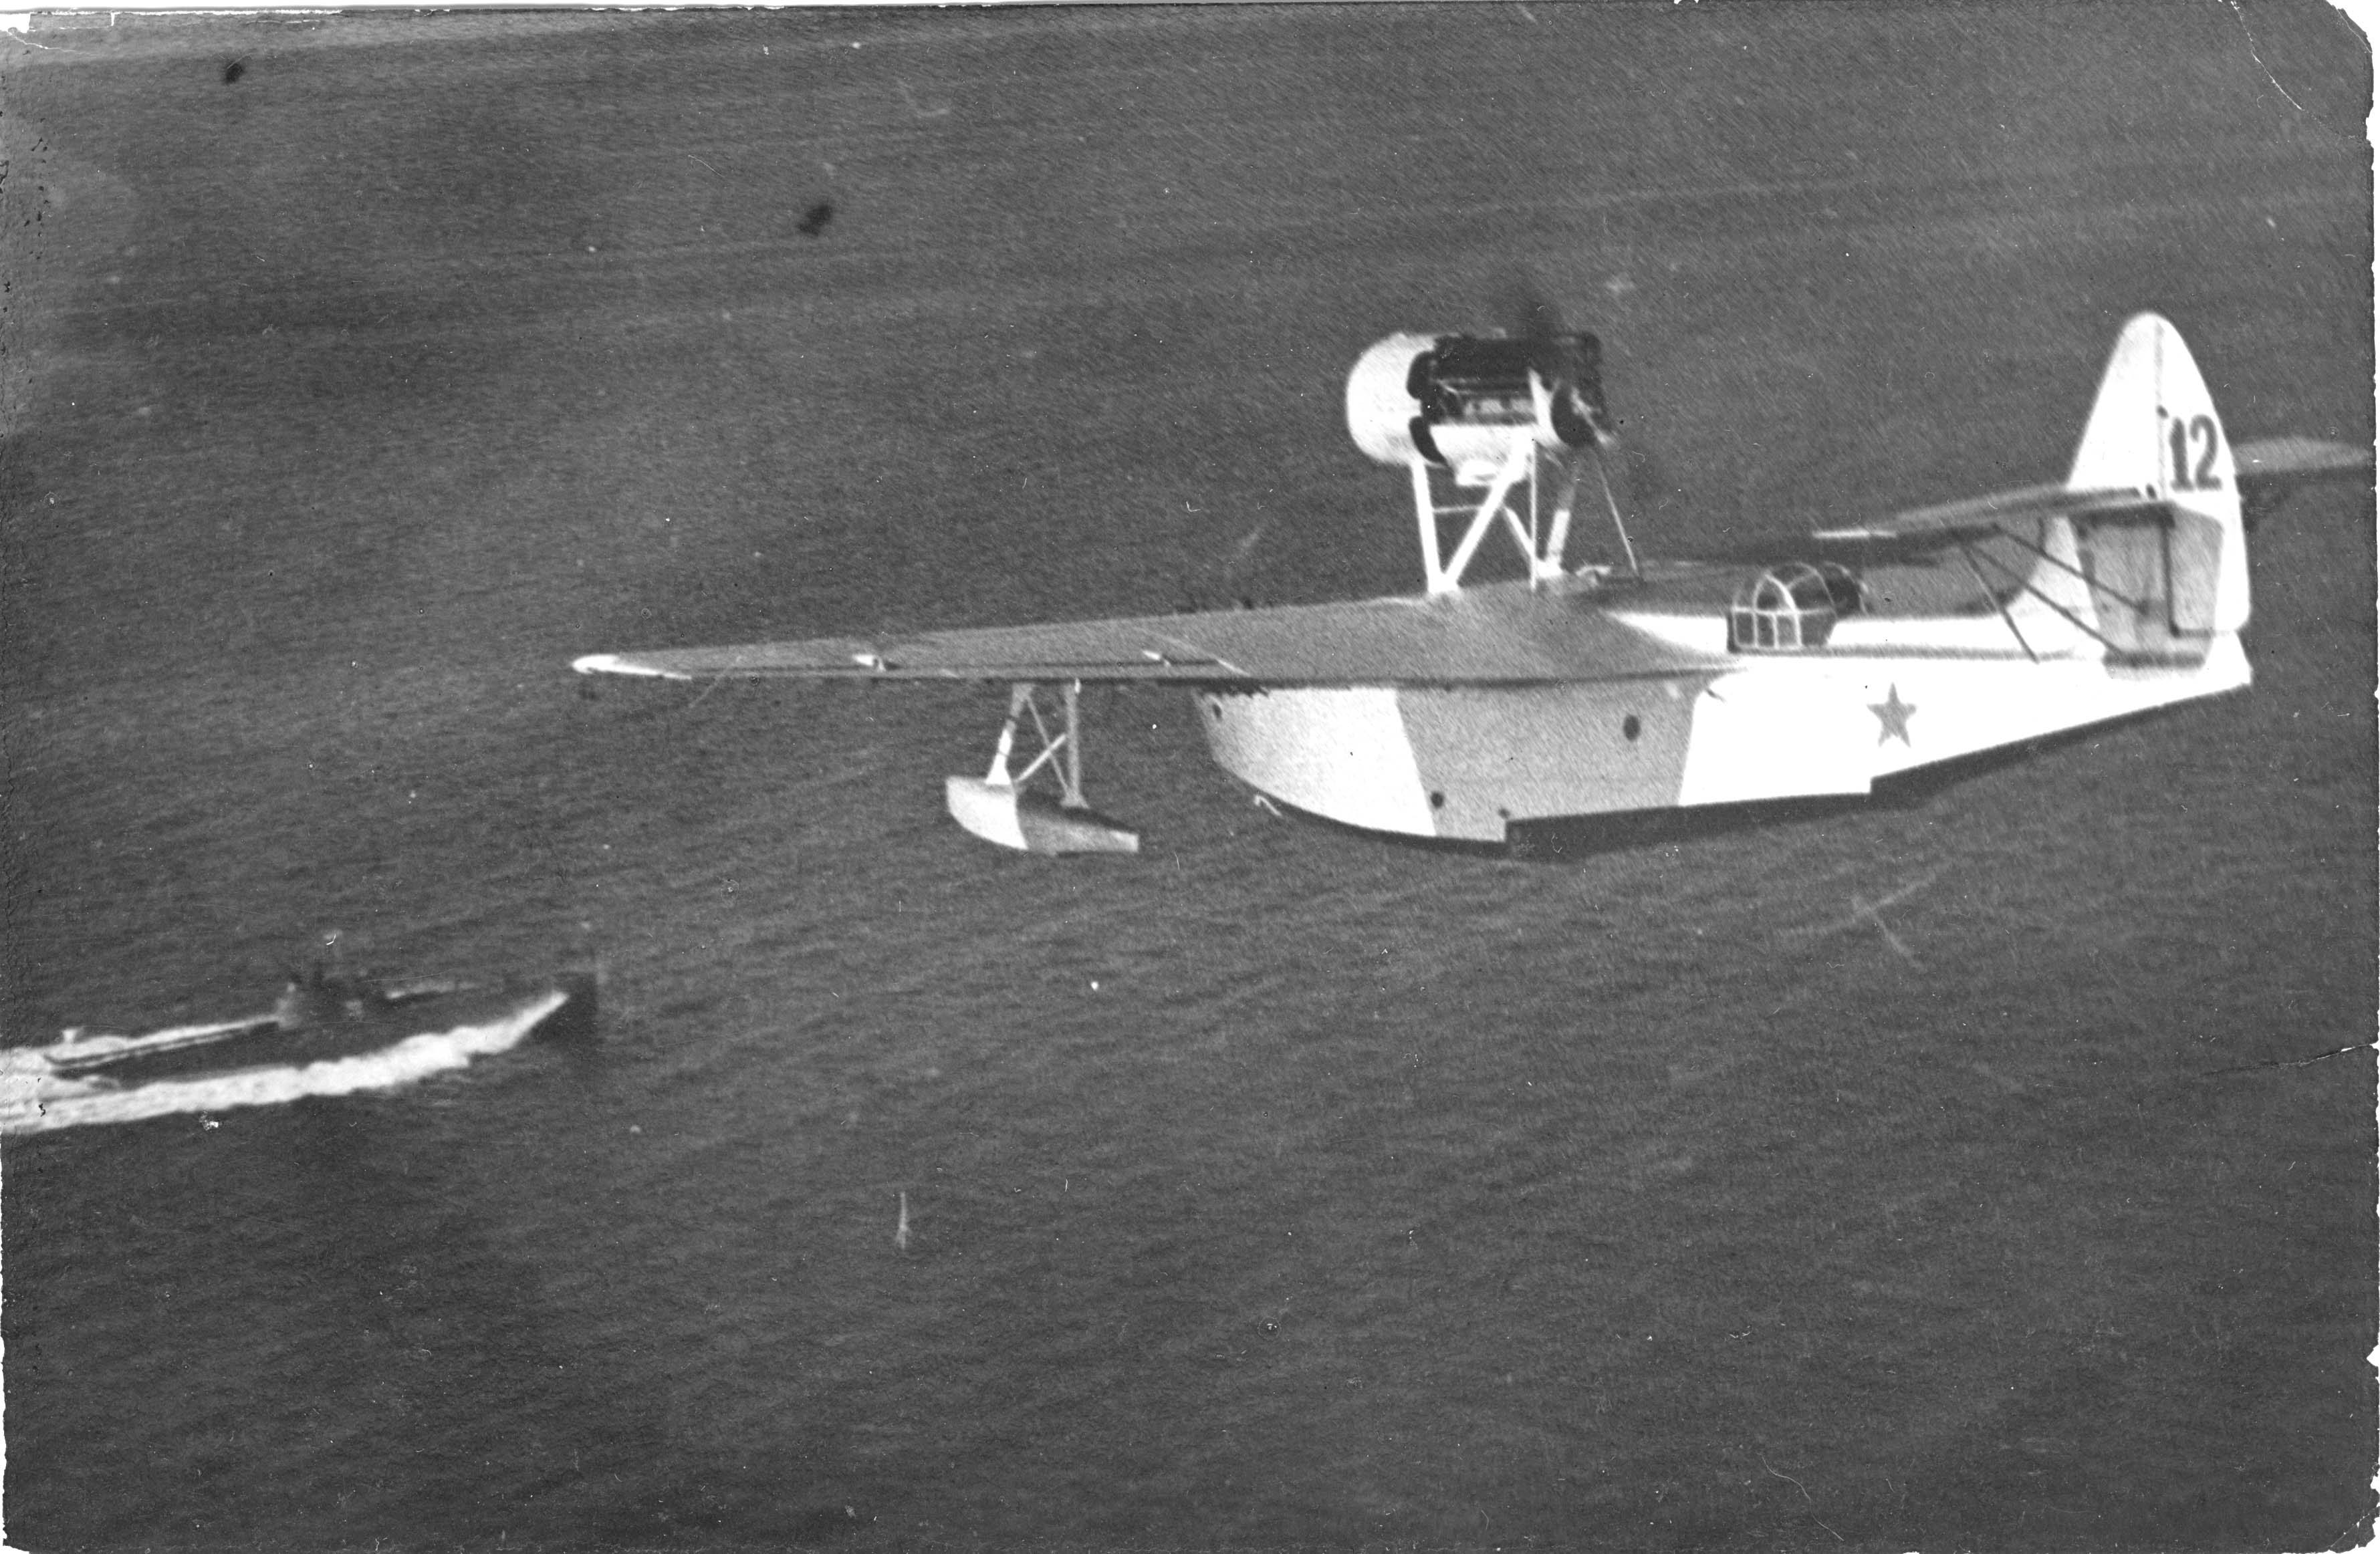 ВОЗМОЖНО самолет МБР-2 выводит в учебную атаку катер волновоого управления.